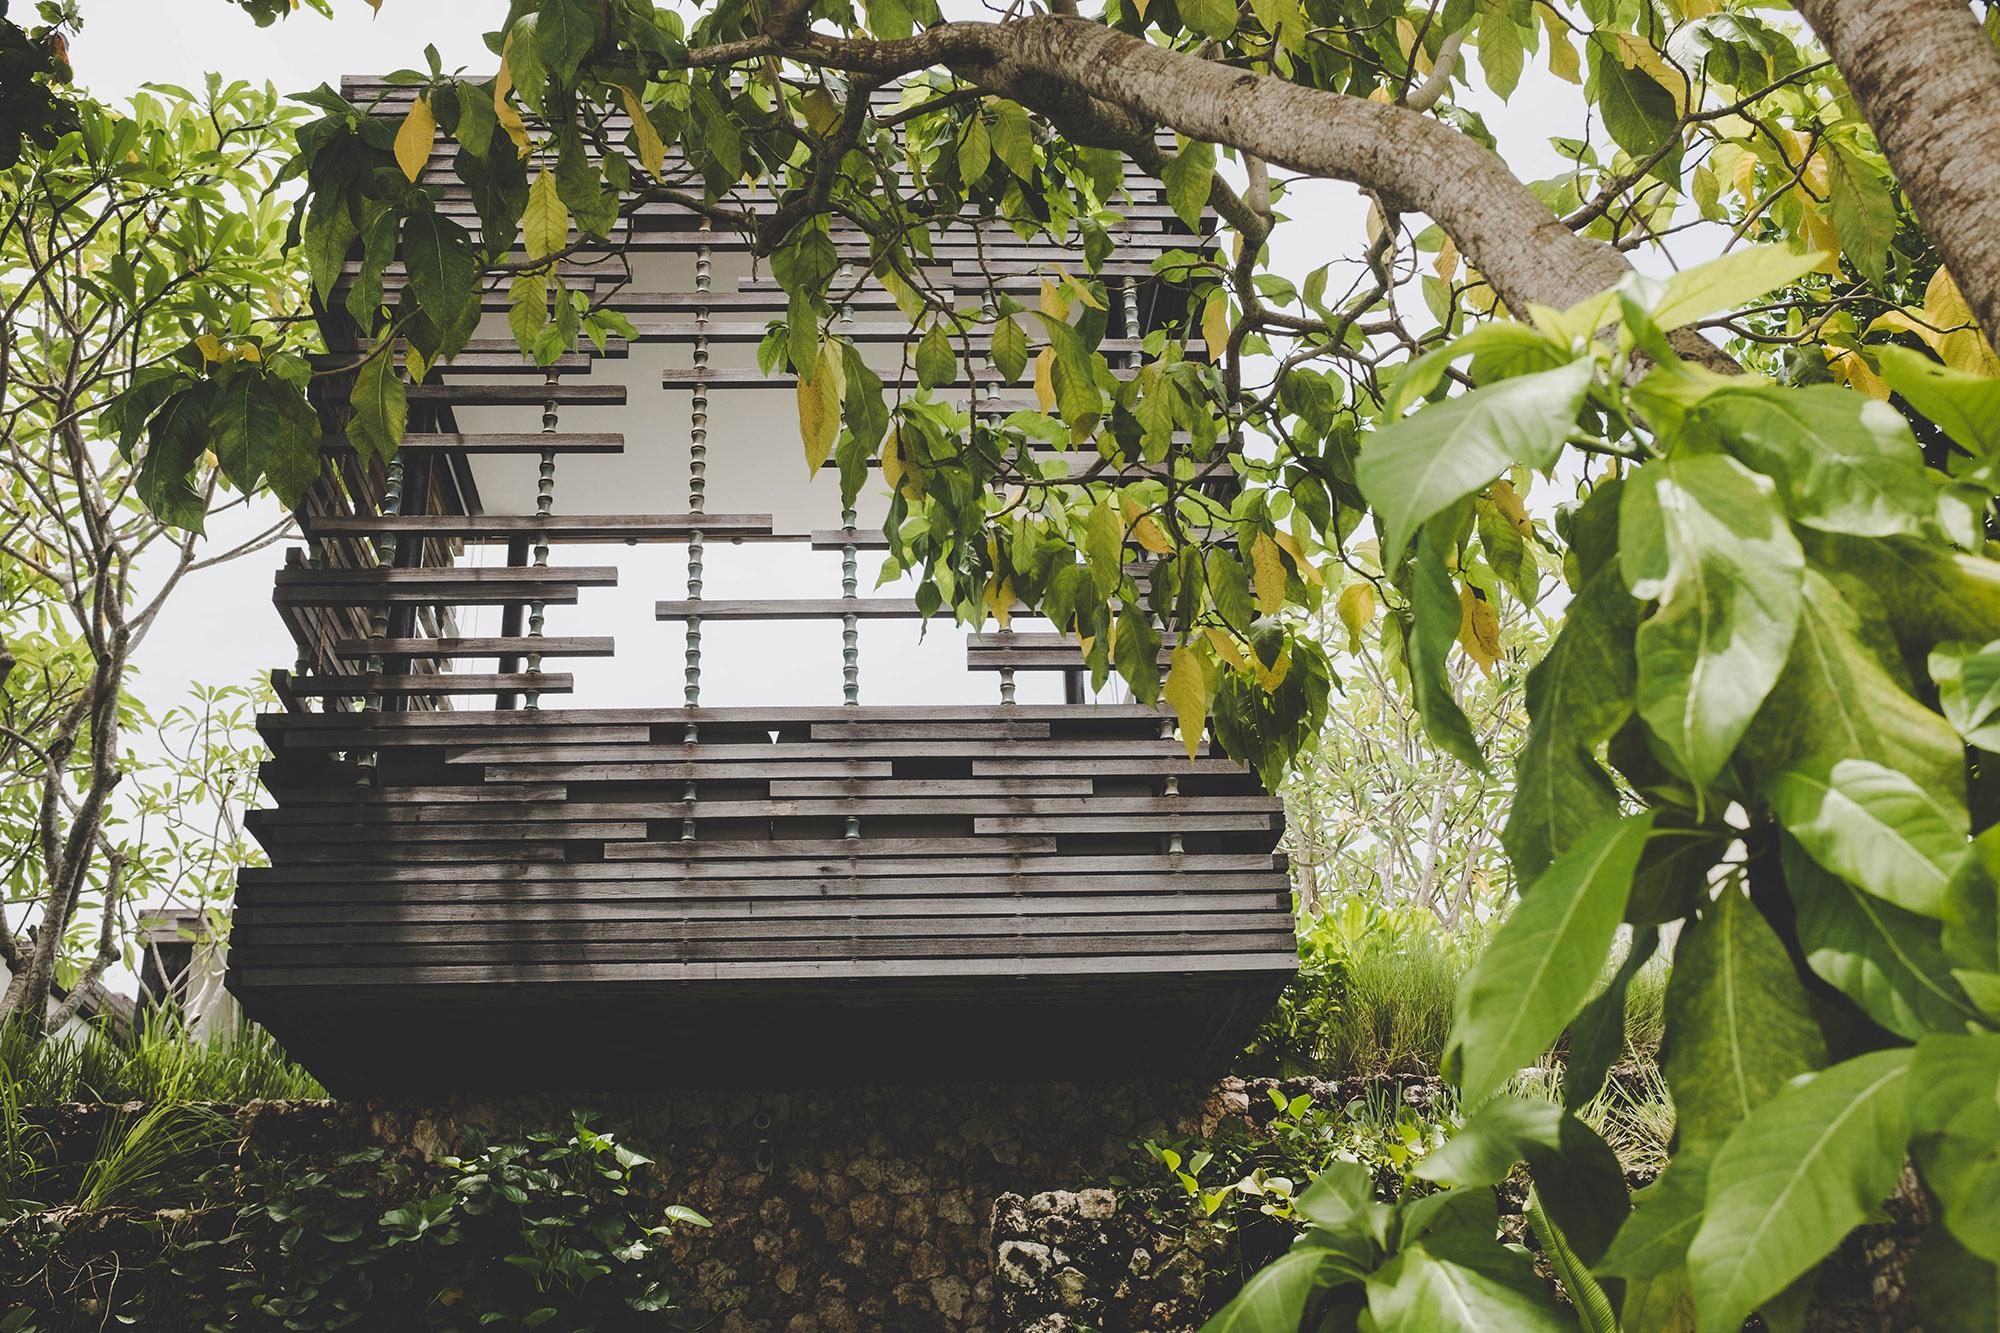 2017-04-Alila-Villas-Uluwatu - alila-villas-uluwatu-bali-nectarandpulse-architecture-2.jpg